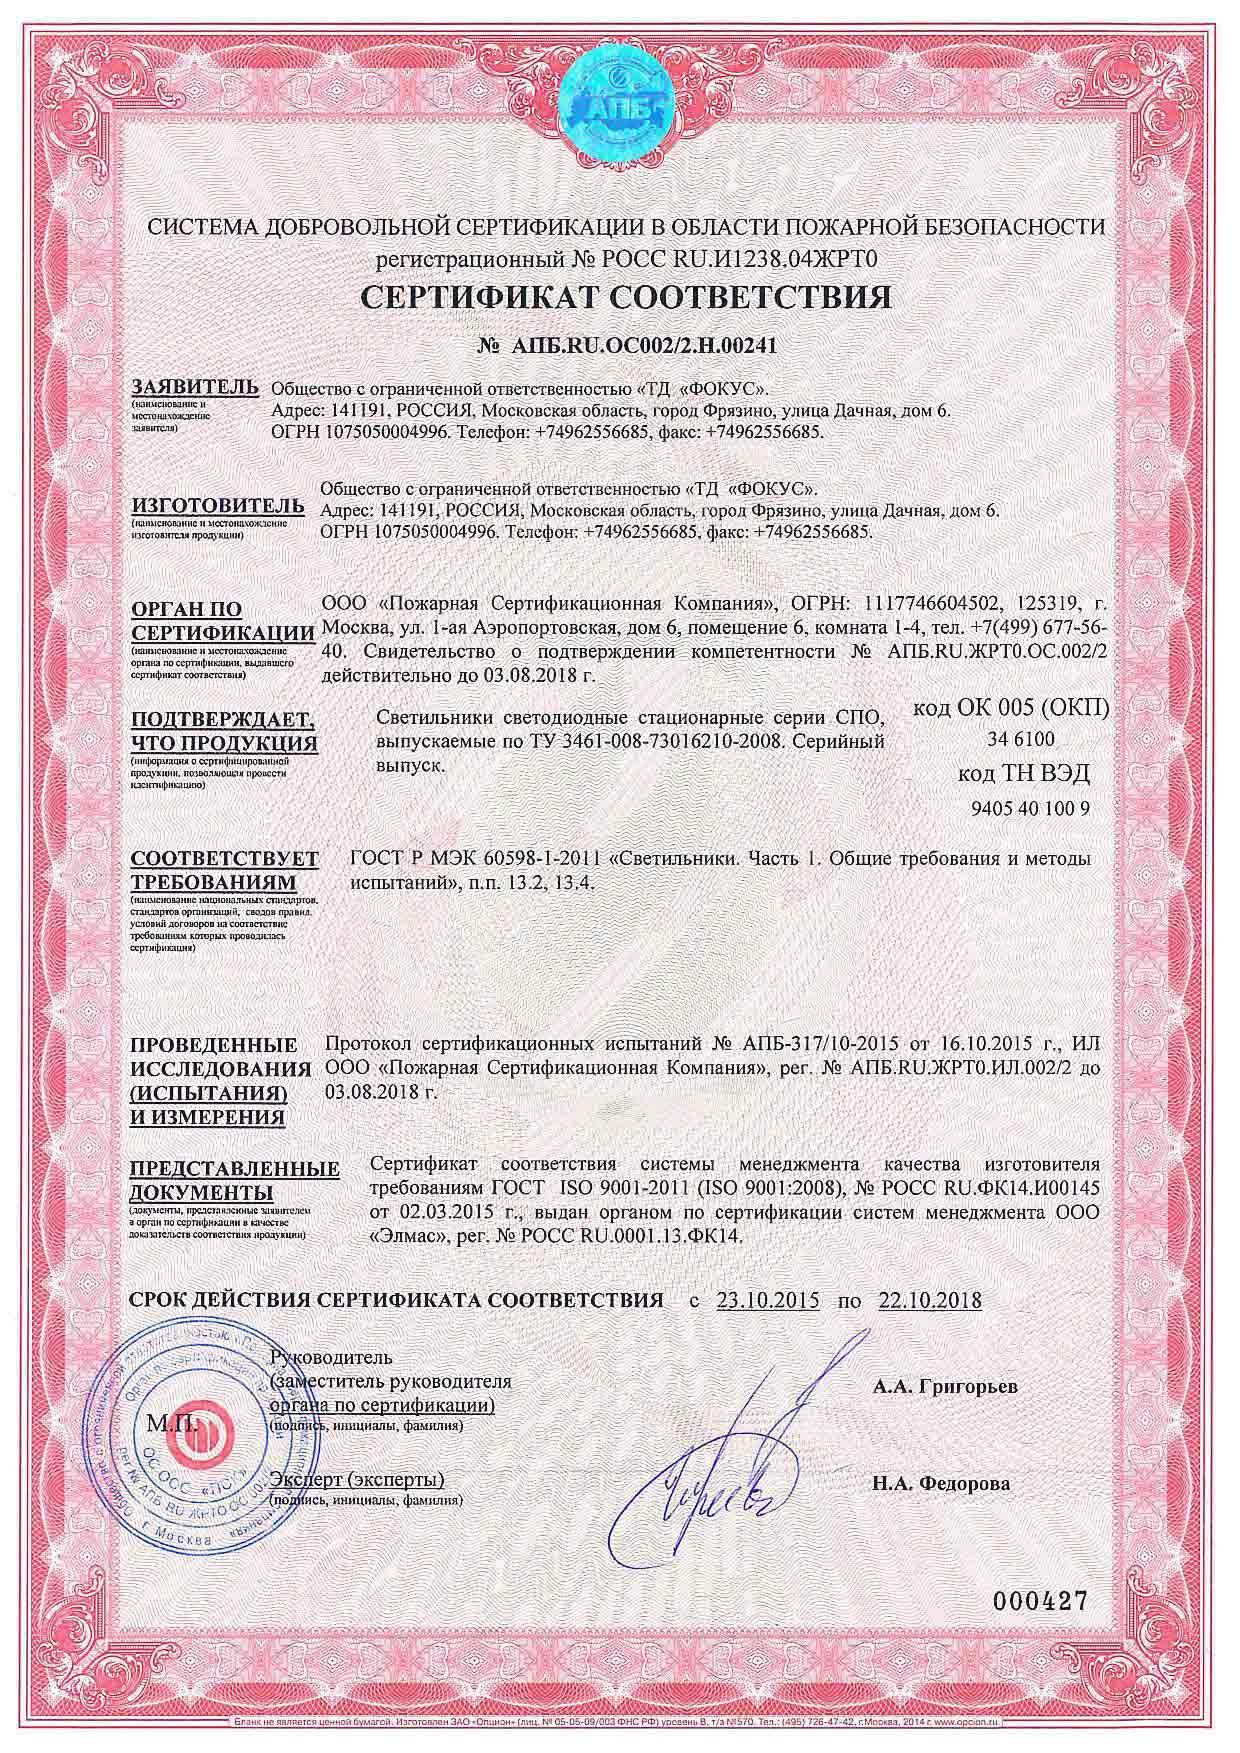 Серия СПО. Сертификат соответствия. Система добровольной сертификации в области пожарной безопасности